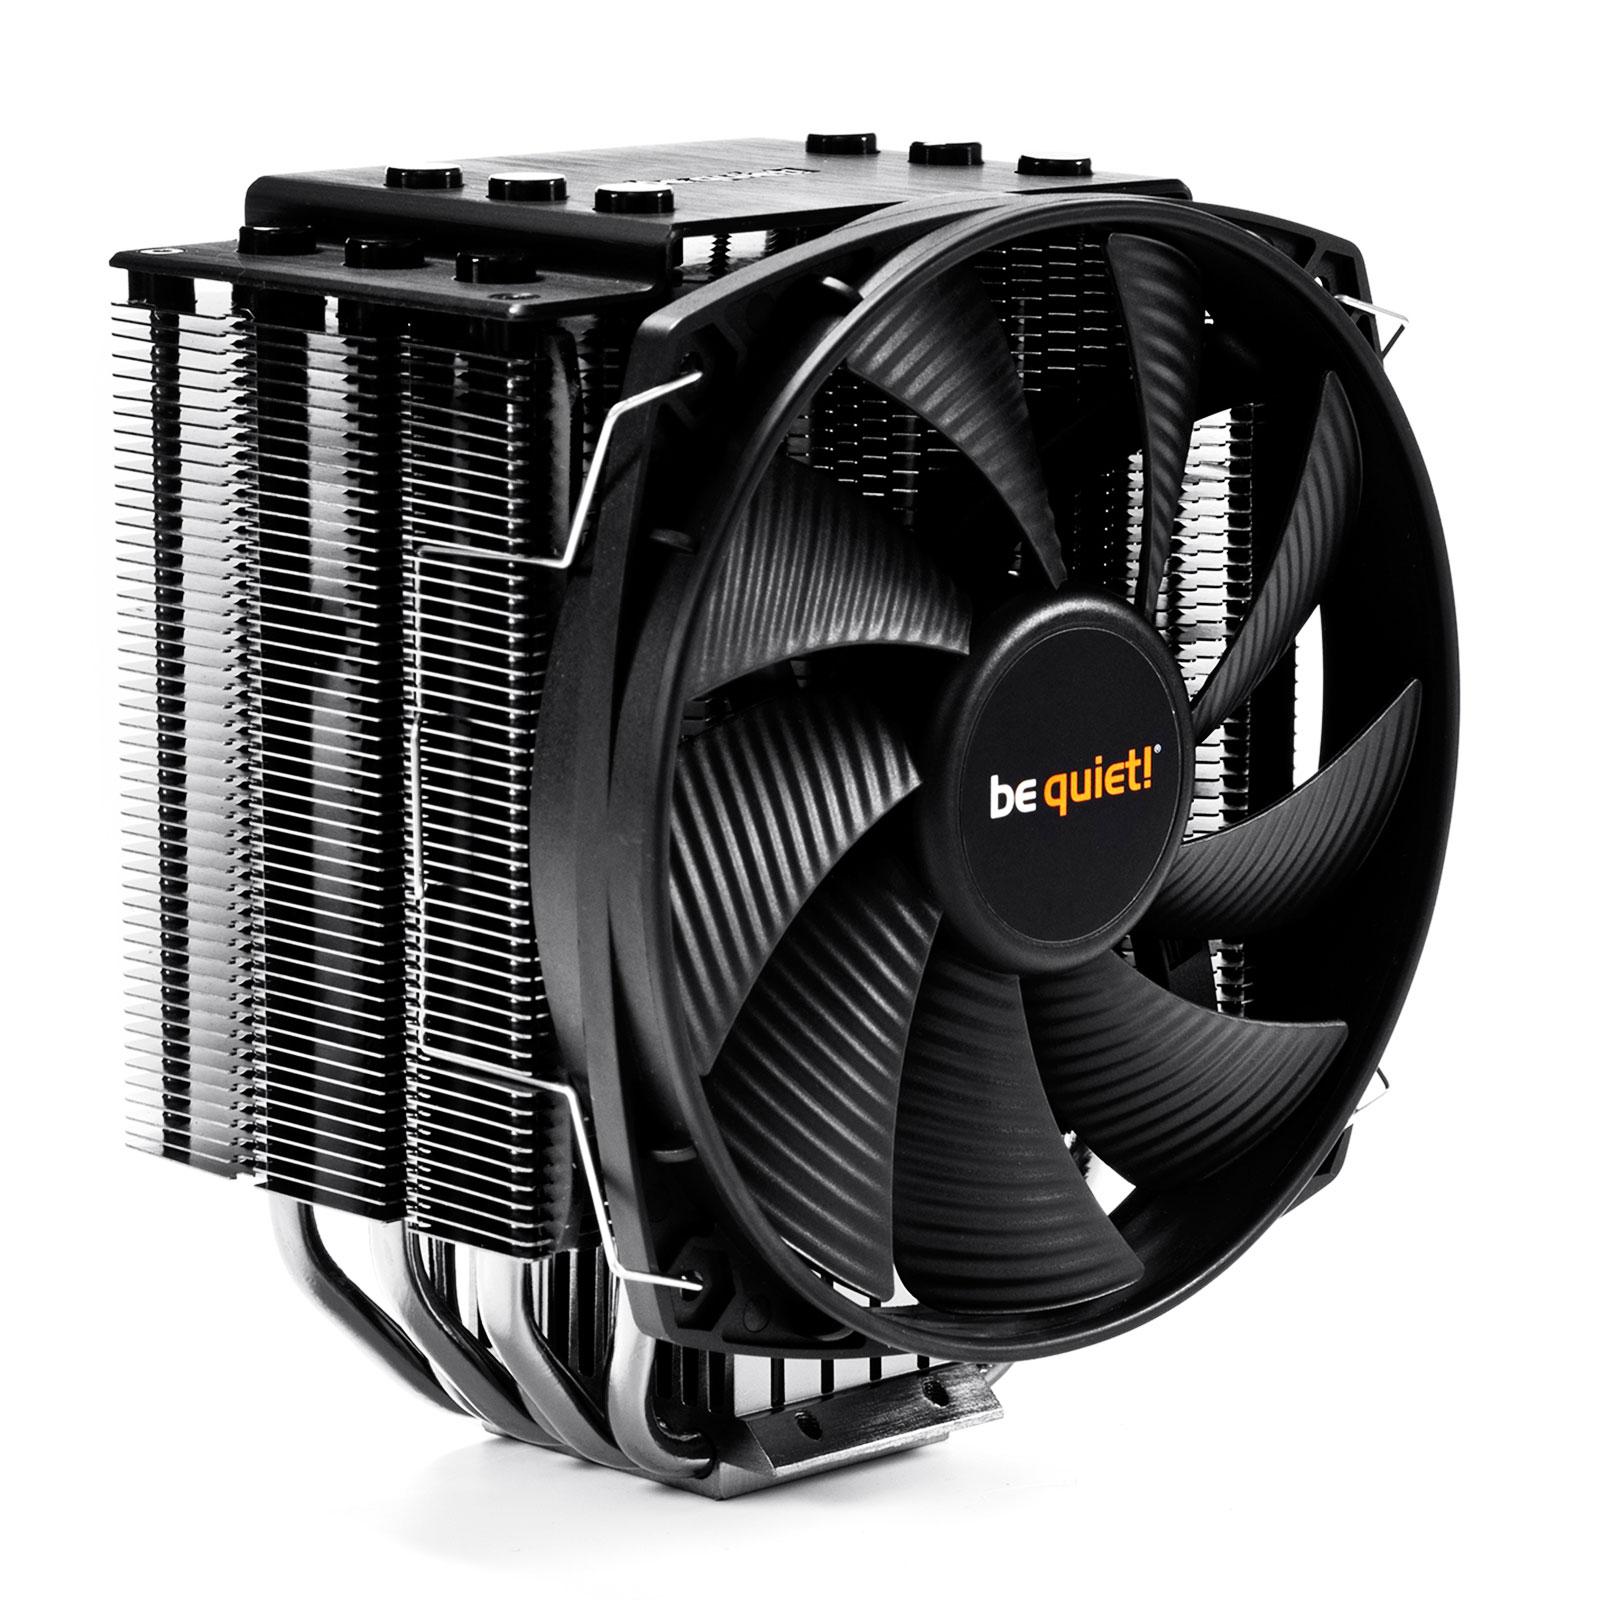 Ventilateur processeur be quiet! Dark Rock 3 Ventilateur de processeur (pour Socket AMD AM2/AM2+/AM3/AM3+/FM1/FM2/754/939/940 et INTEL LGA 775/1150/1151/1155/1156/1366/2011) - Garantie constructeur 3 ans